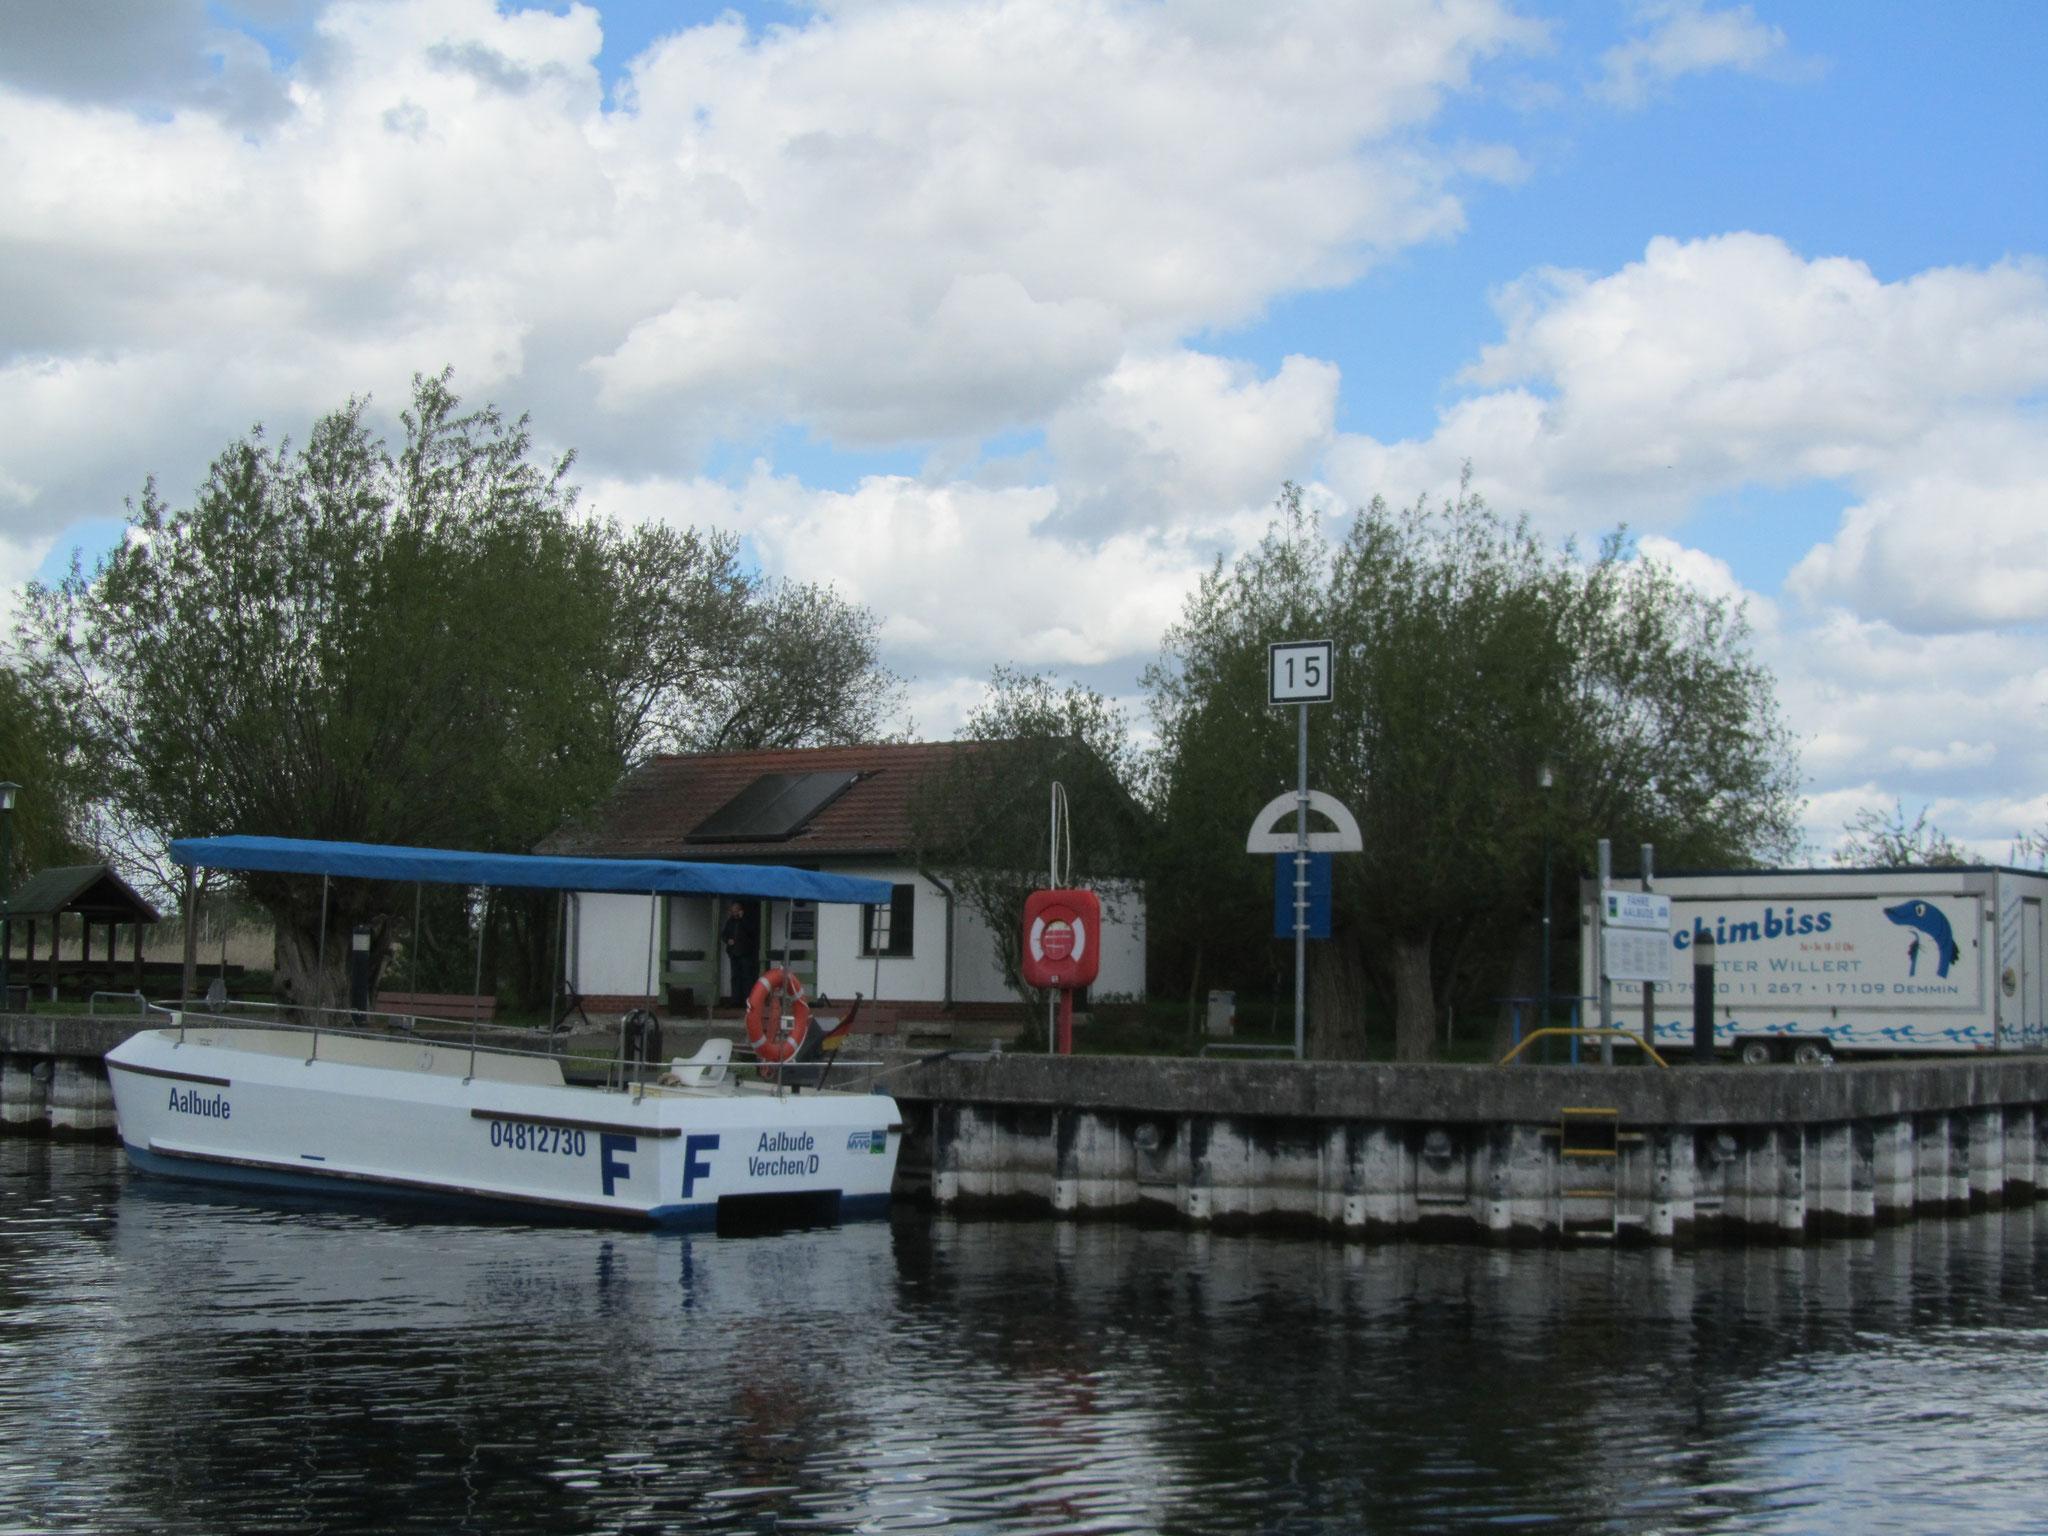 Wasserwanderrastplatz Aalbude / Verchen mit Fähre zum Ausflugsrestaurant Aalbude